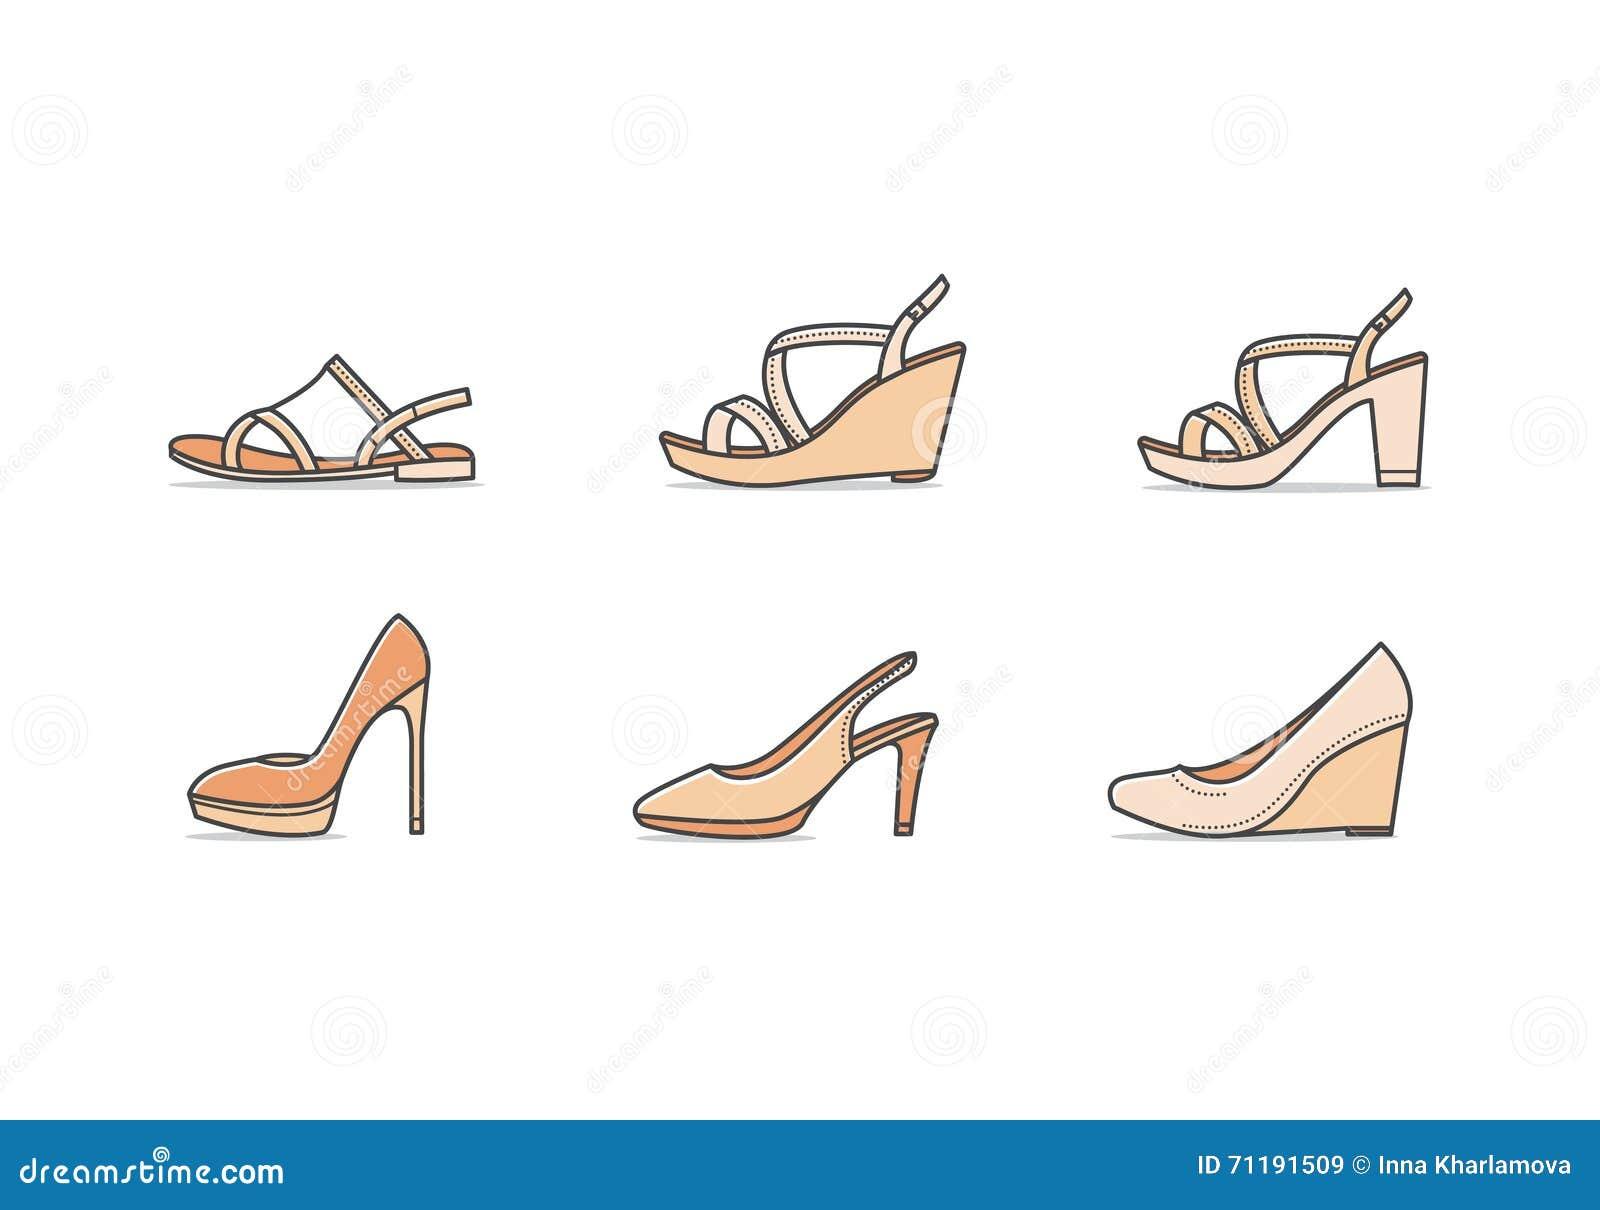 Tipos La Vector Zapatos Ilustración De Mujer Del ZiOkXuP